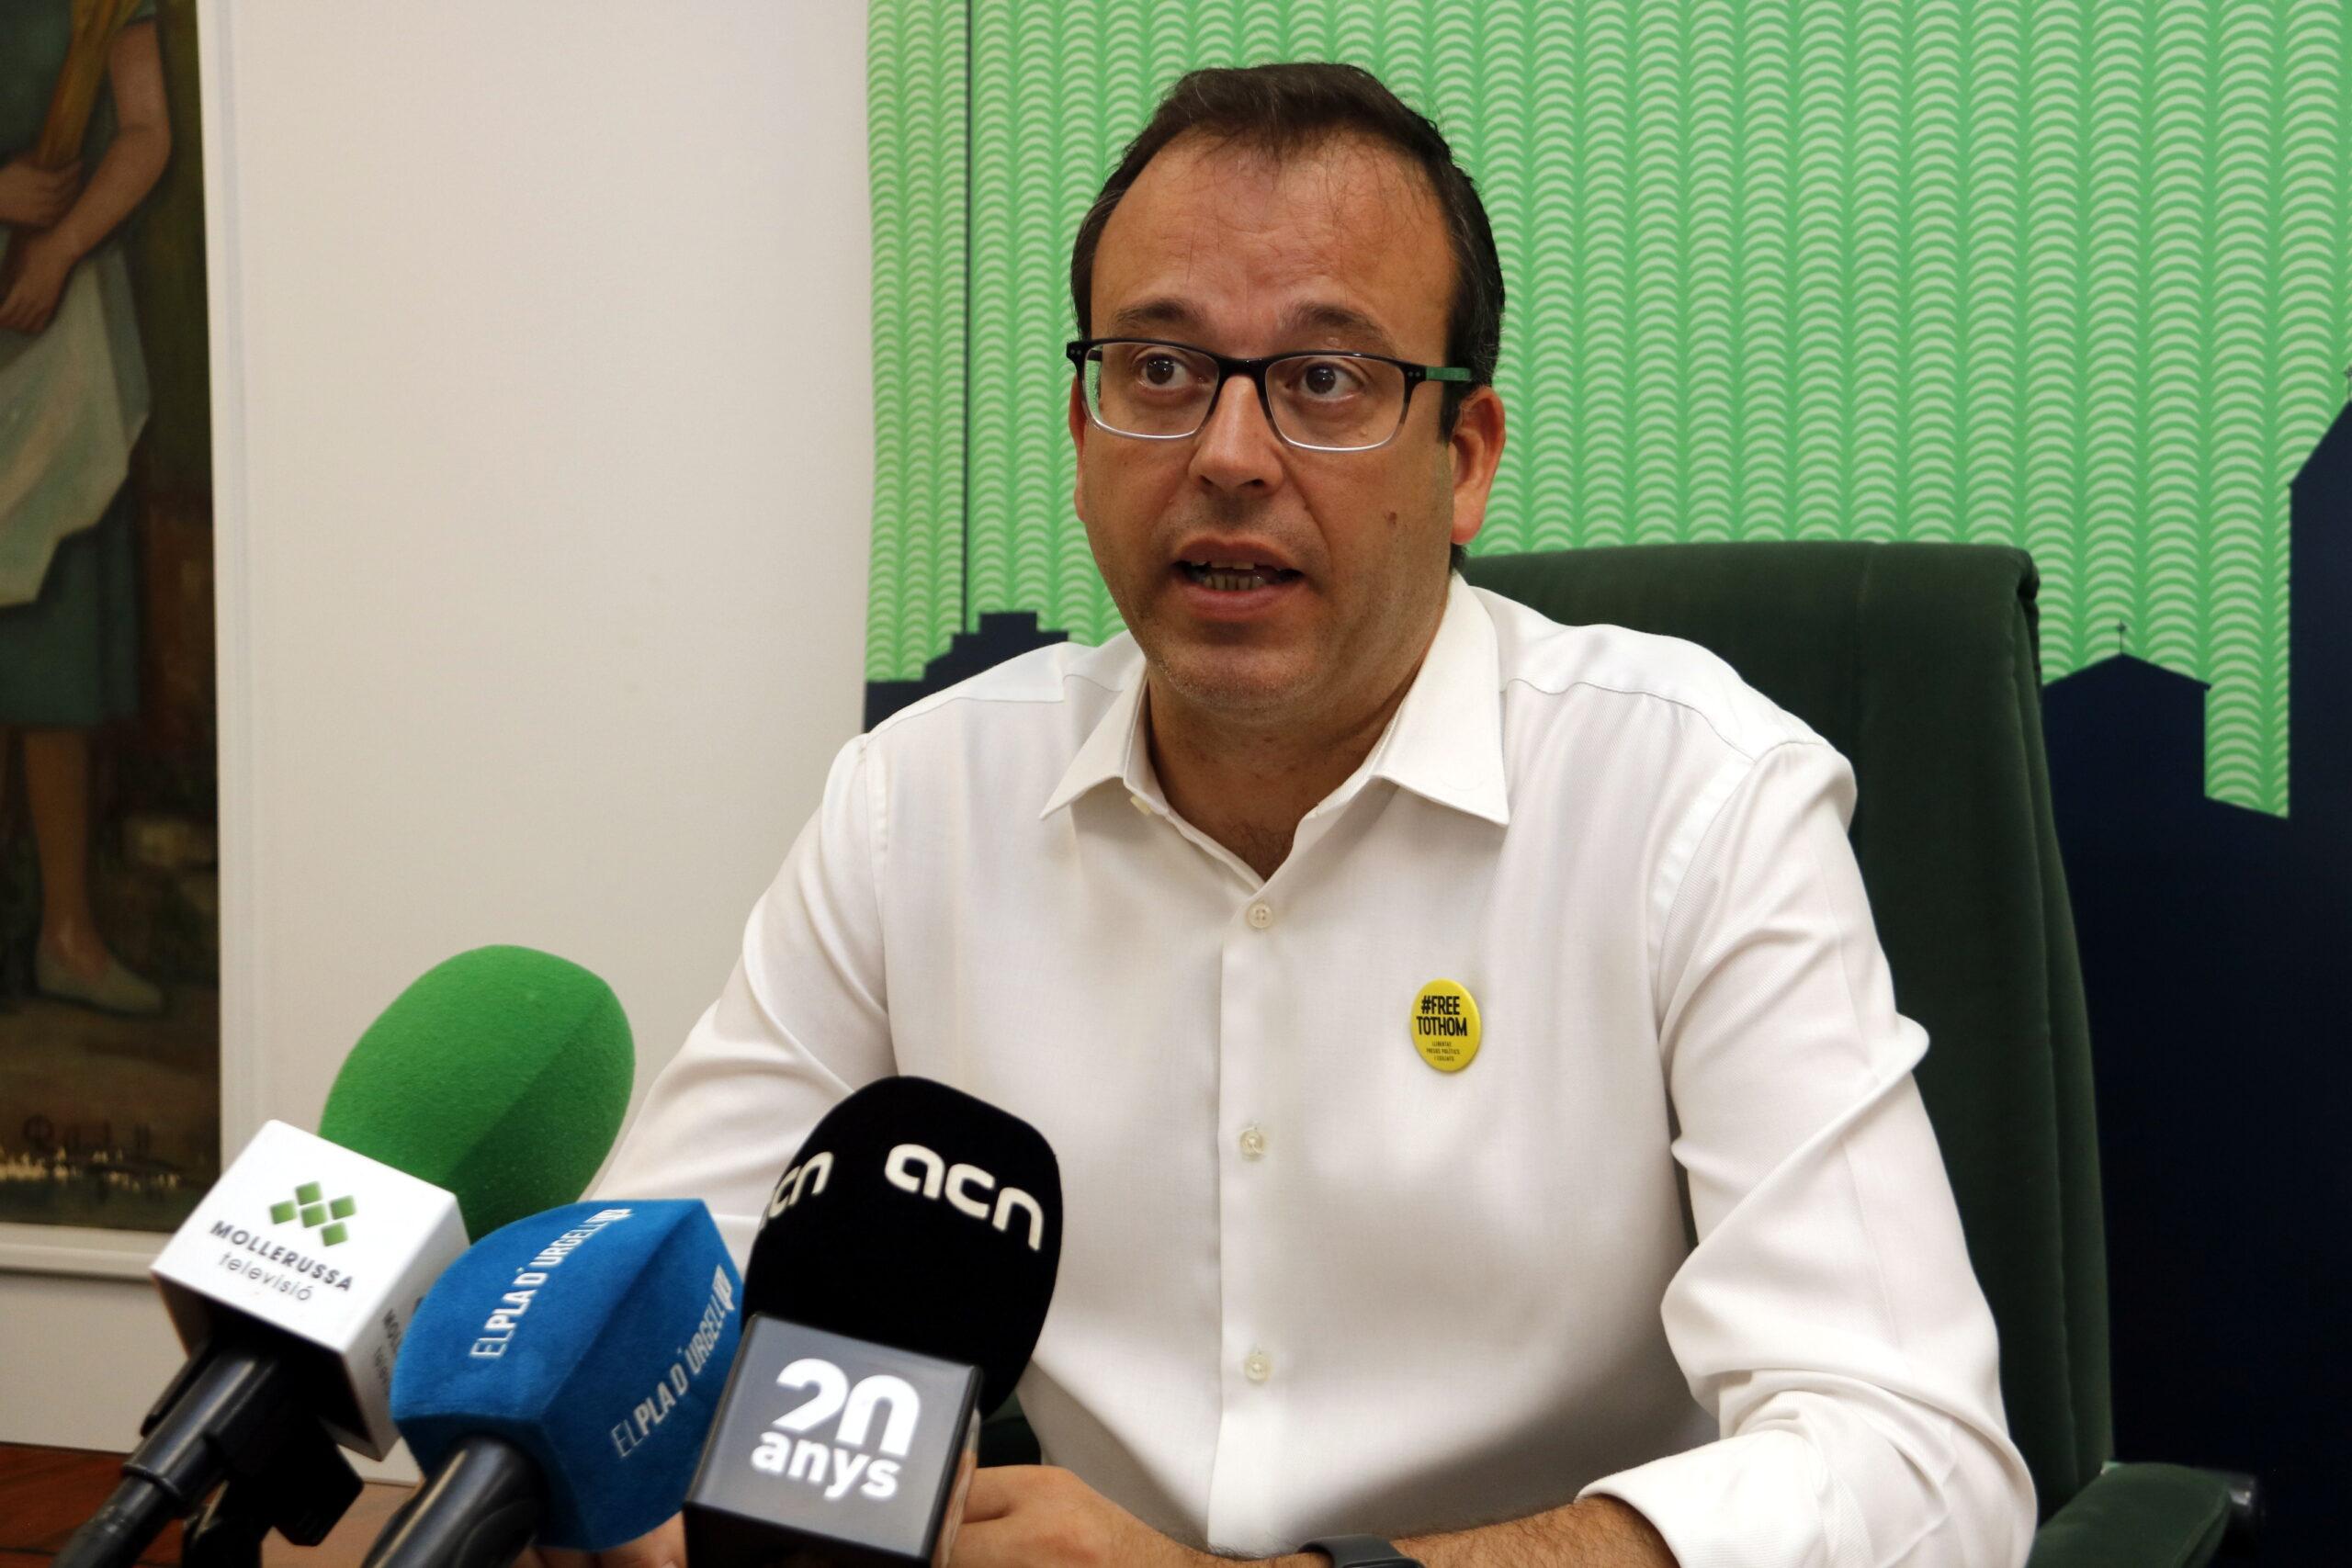 Pla mitjà de l'alcalde de Mollerussa, Marc Solsona, en roda de premsa el 27 d'agost de 2019. (Horitzontal)